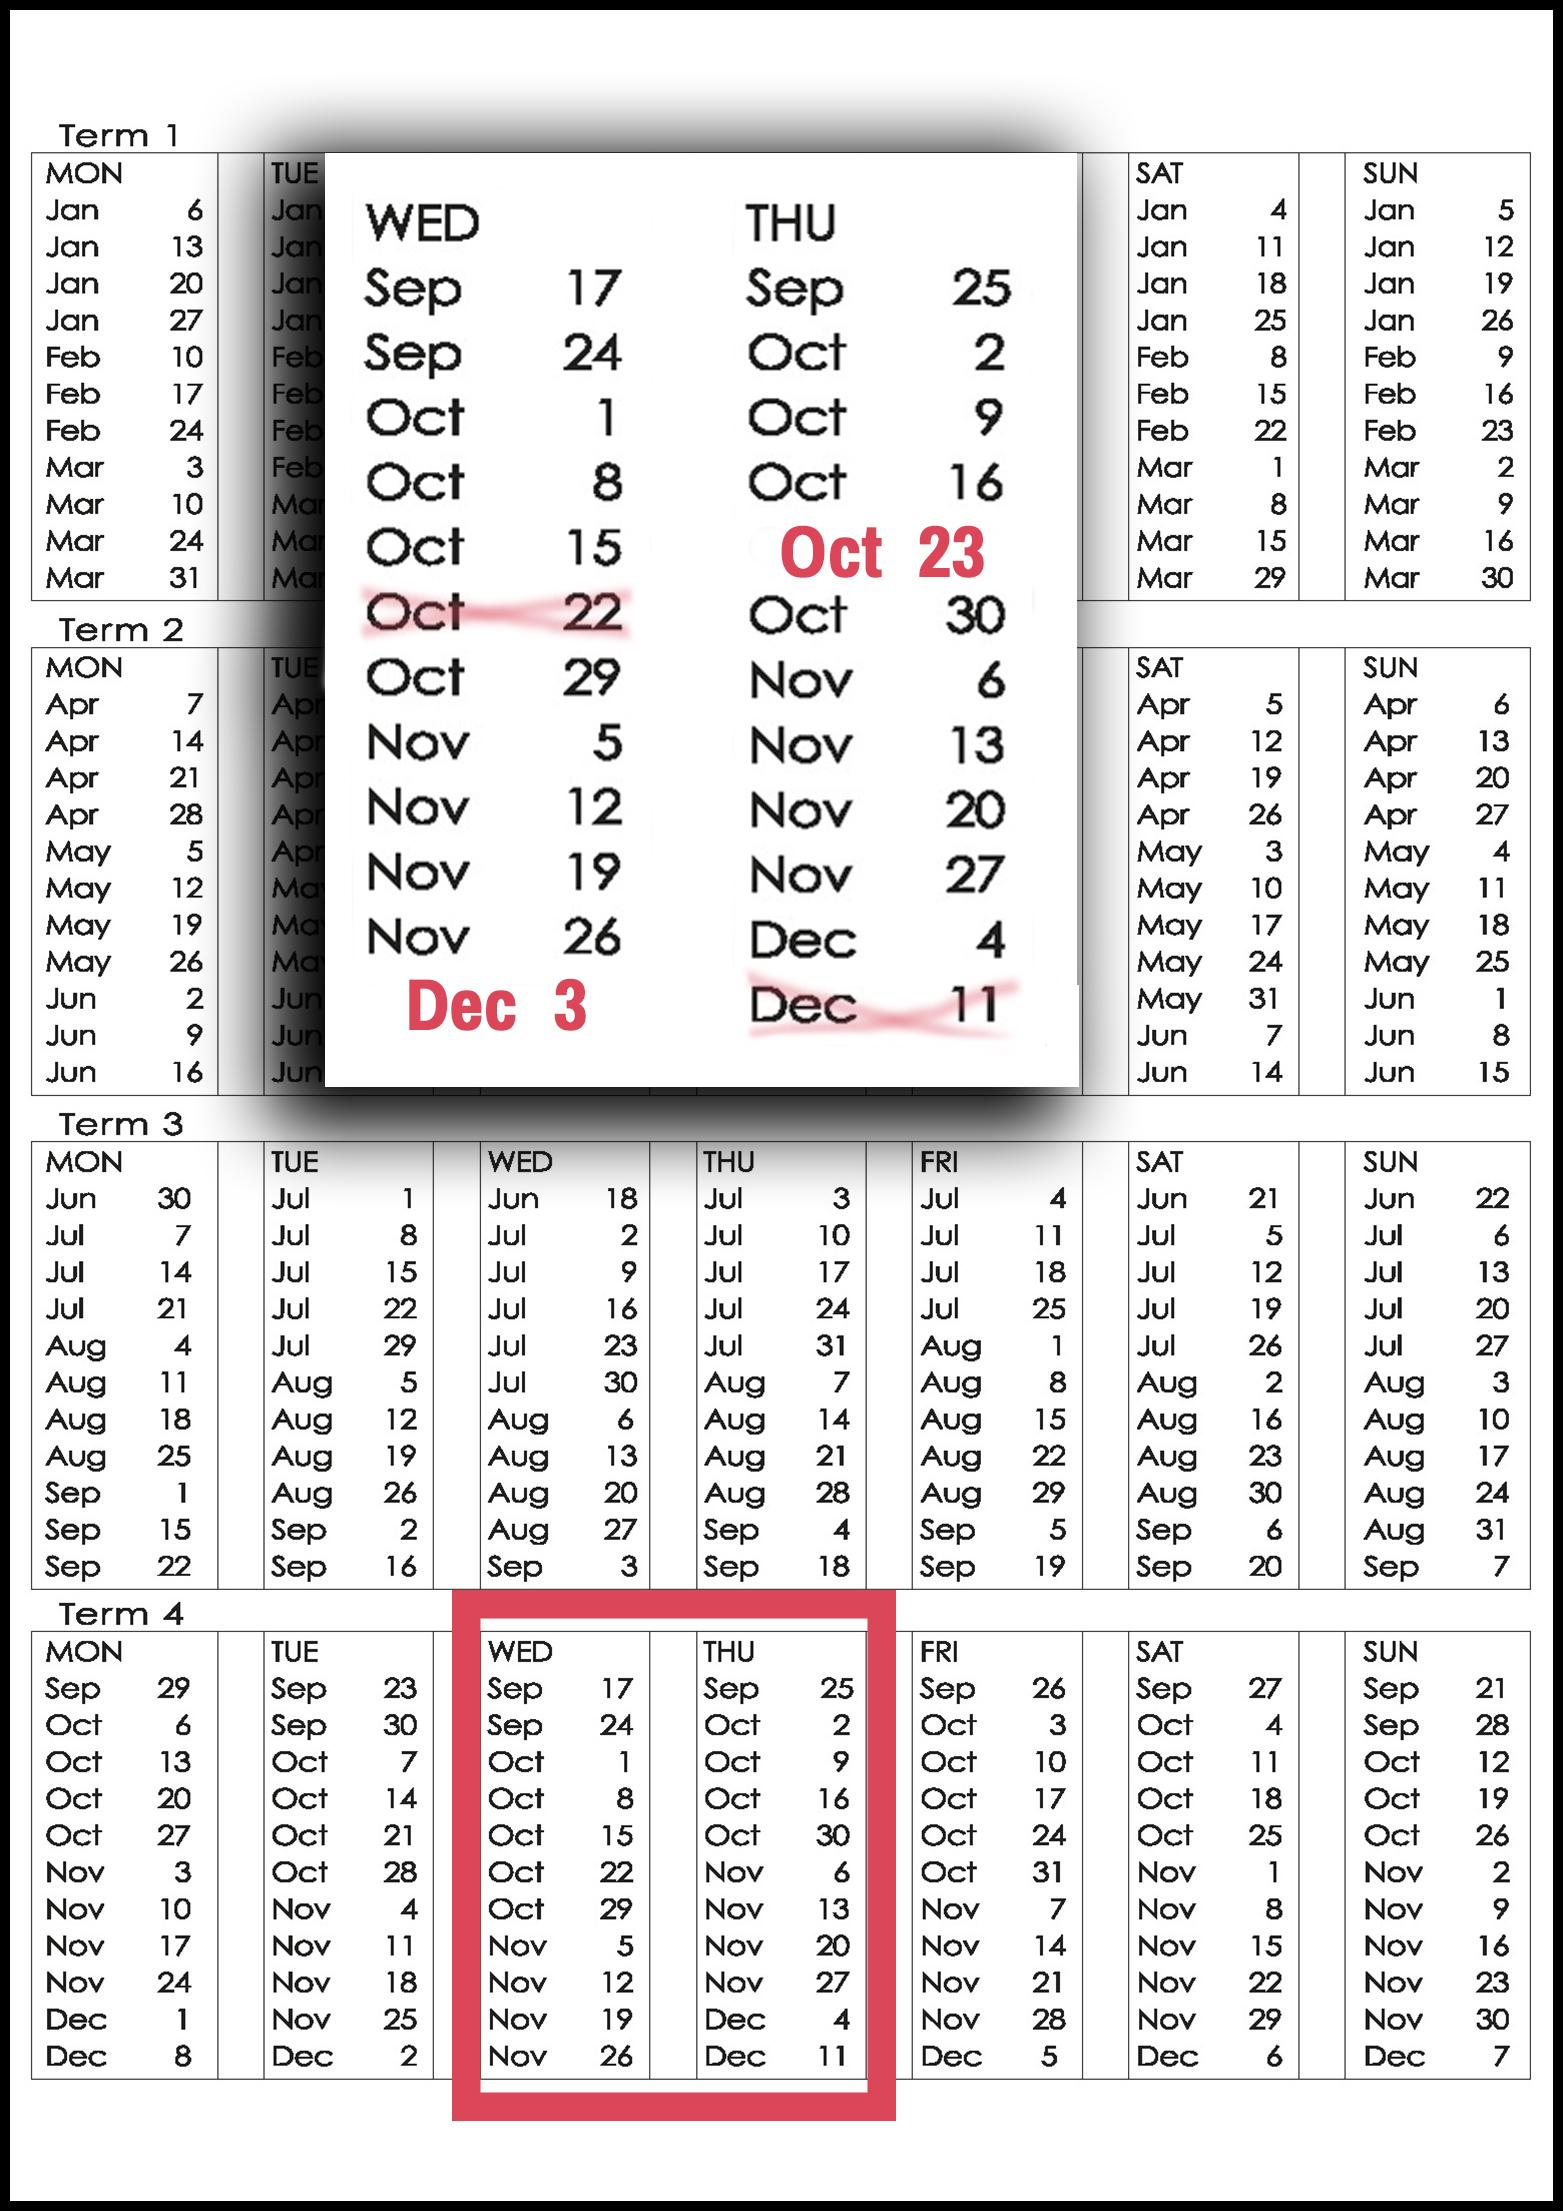 MES 2014 Dates - Deepavali